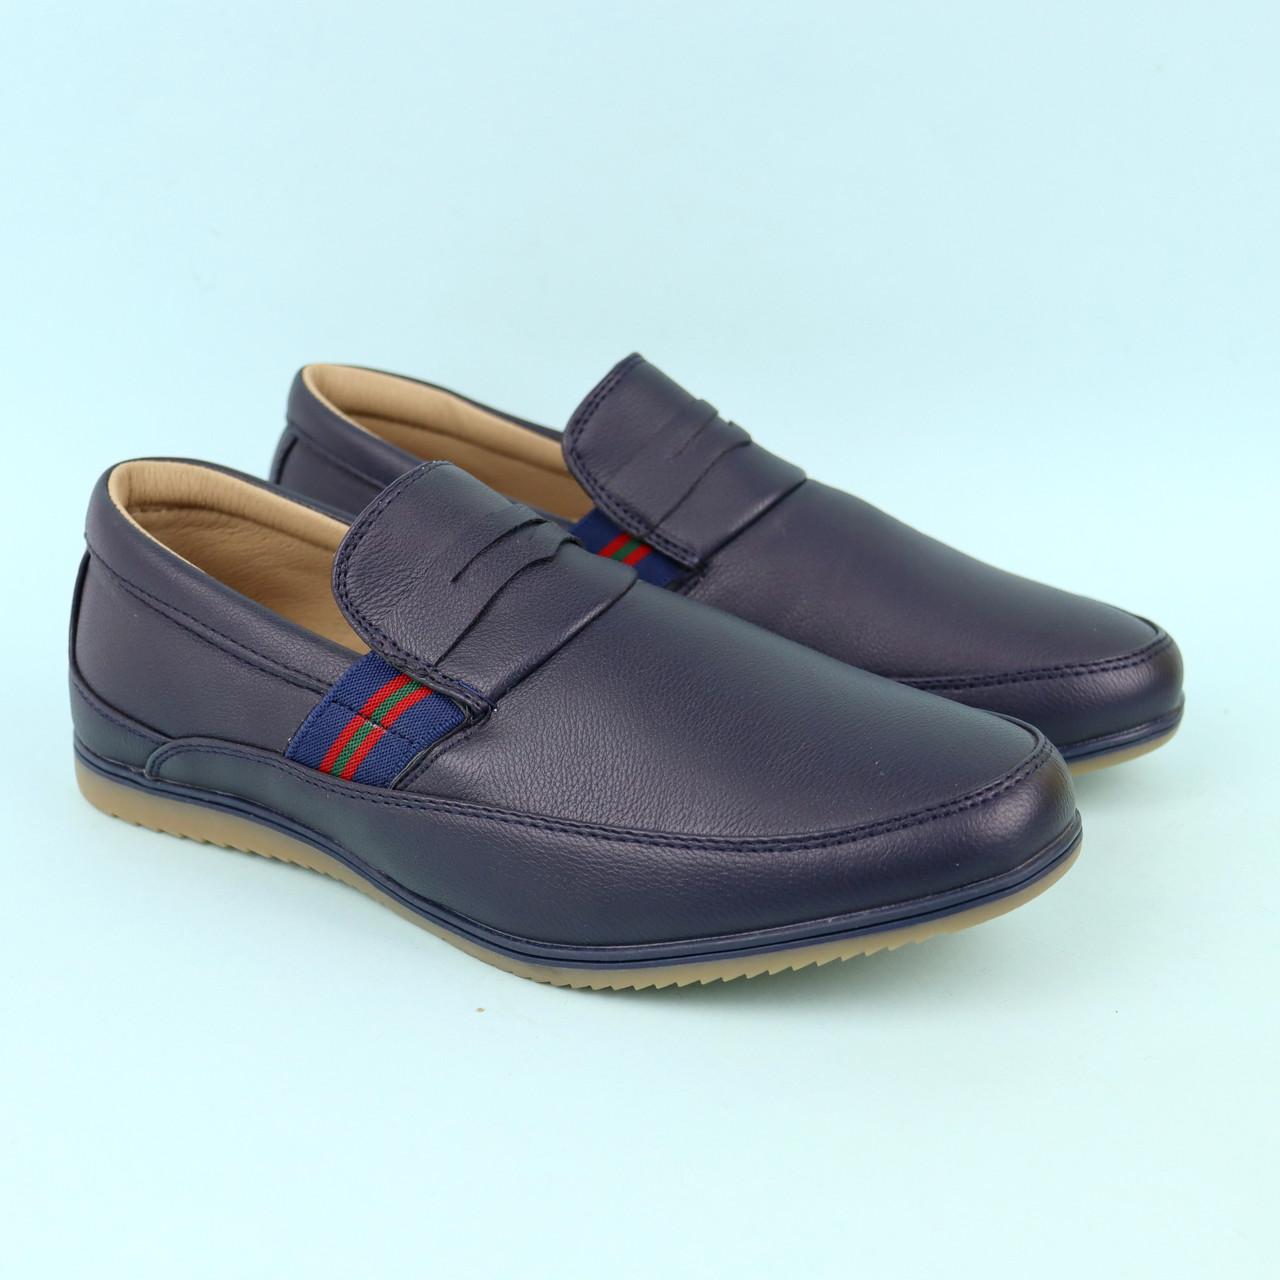 Мокасини туфлі хлопчикові Сині, для школи Tom.m розмір 35,36,37